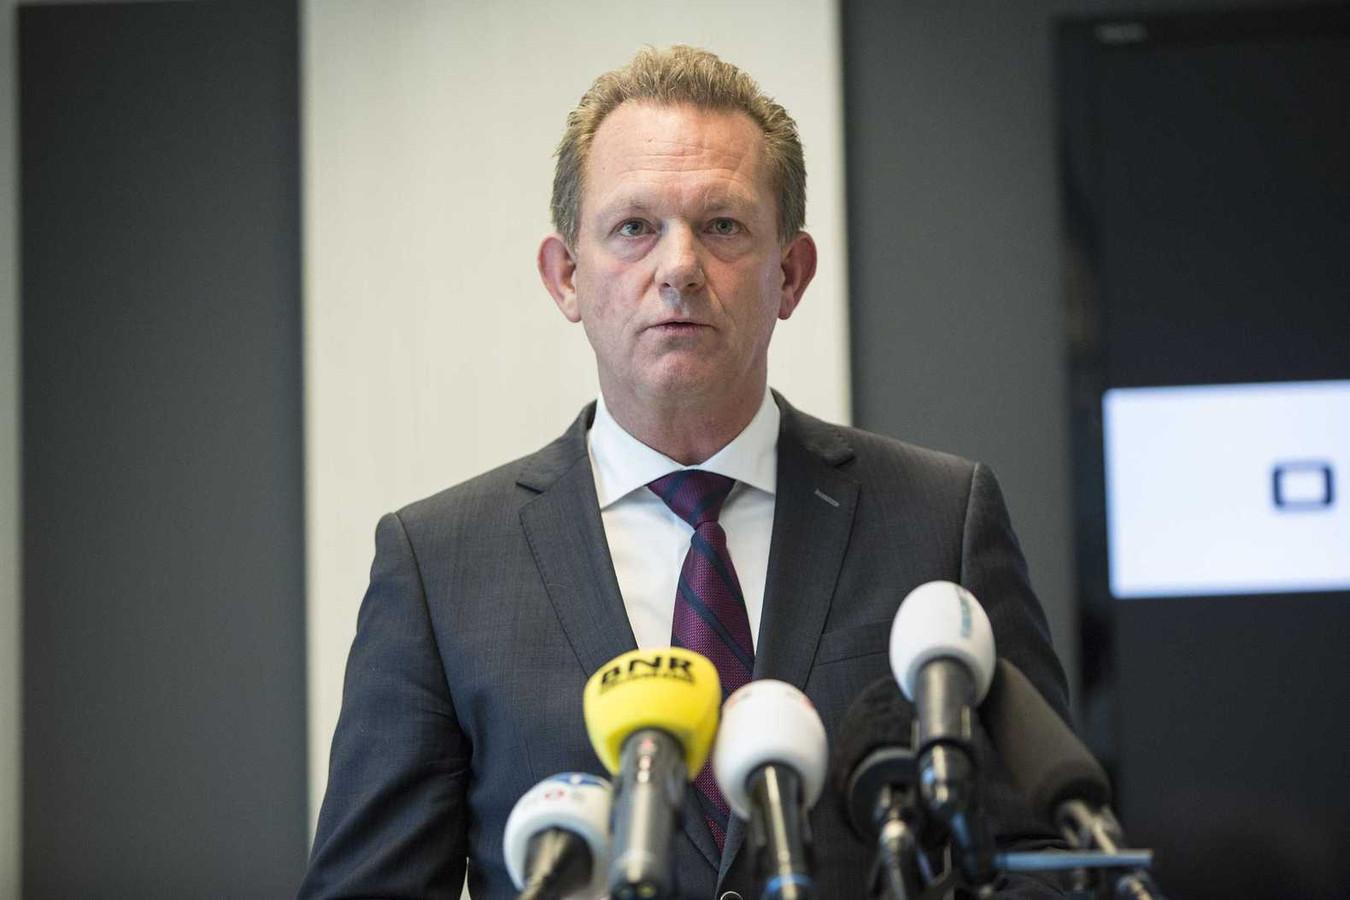 Fred Westerbeke, hoofdofficier van Justitie van het Landelijk Parket en coördinator van het Joint Investigation Team, reageert tijdens een persconferentie op het rapport van de OVV over de ramp met vlucht MH17.